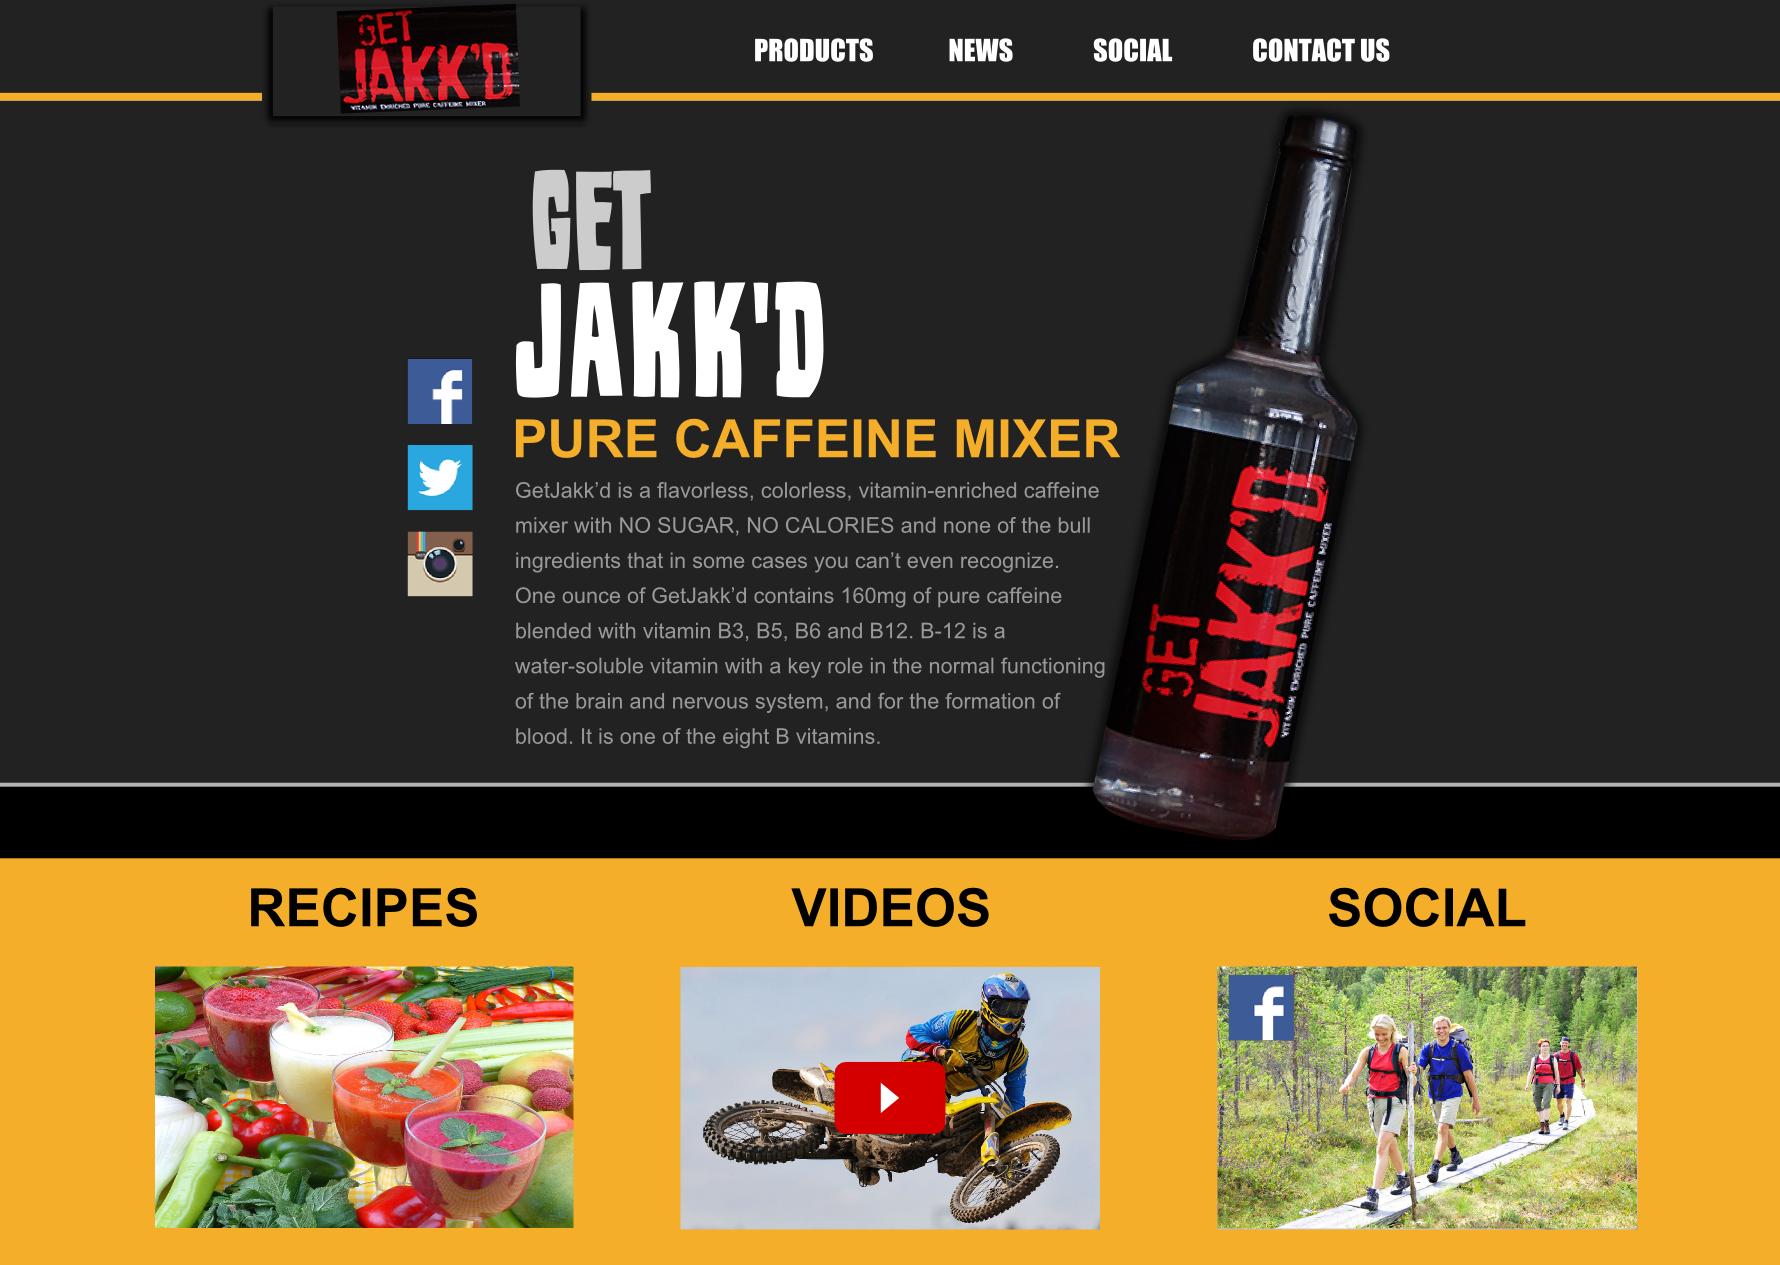 get jakkd website design mockup